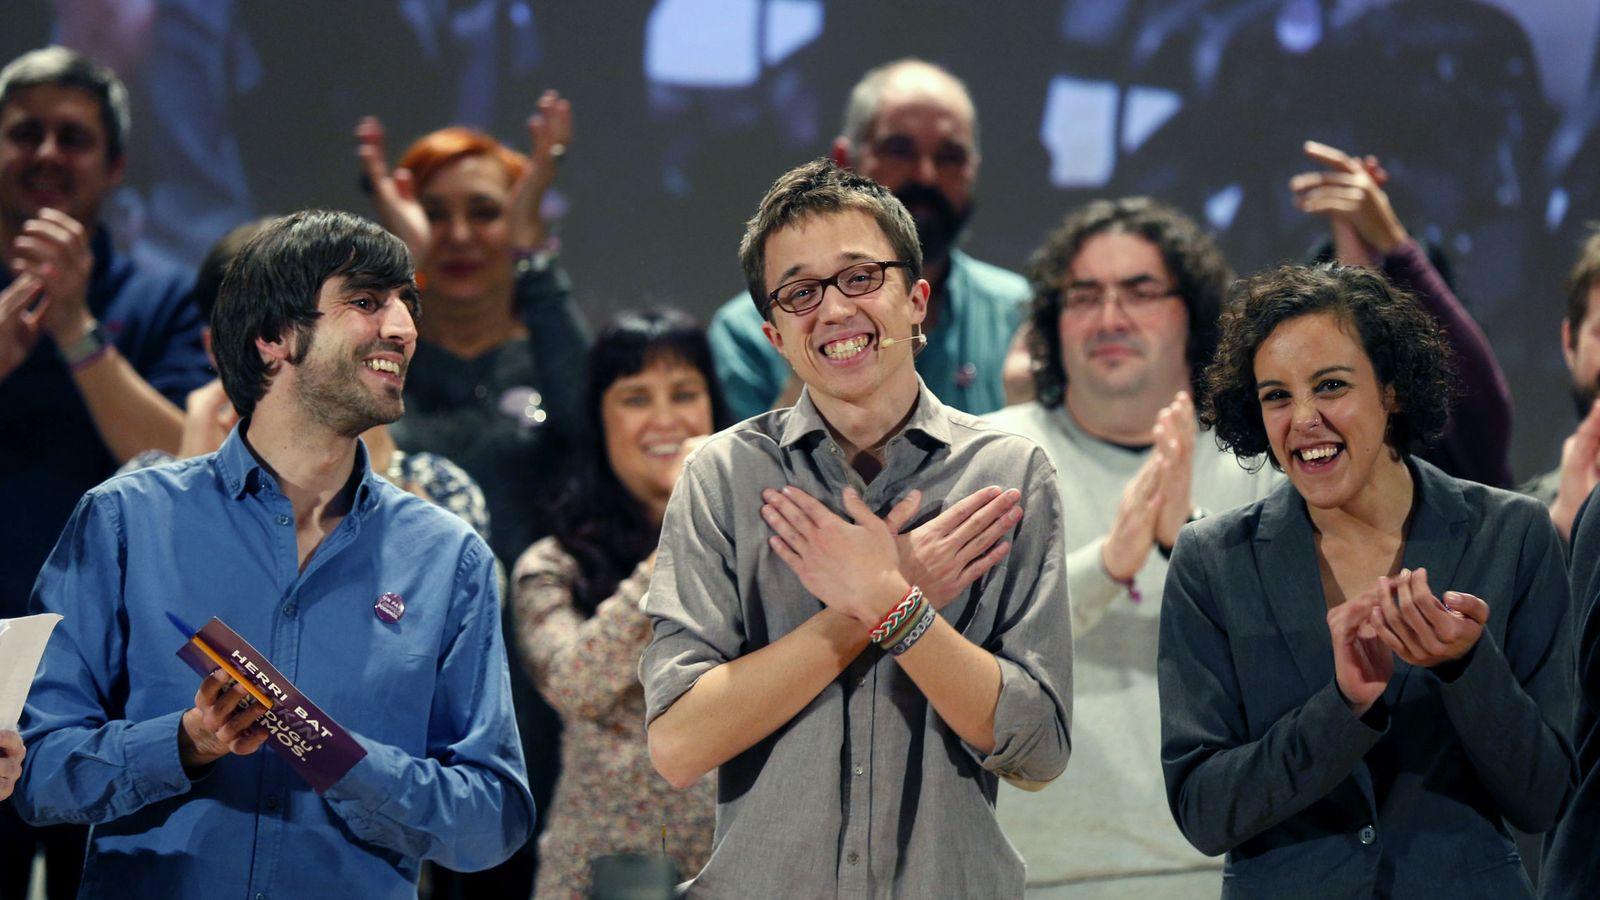 Foto: Íñigo Errejón, junto a Eduardo Maura y Nagua Alba, que encabezan la candidatura oficialista a la secretaría autonómica en el País Vasco. (EFE)